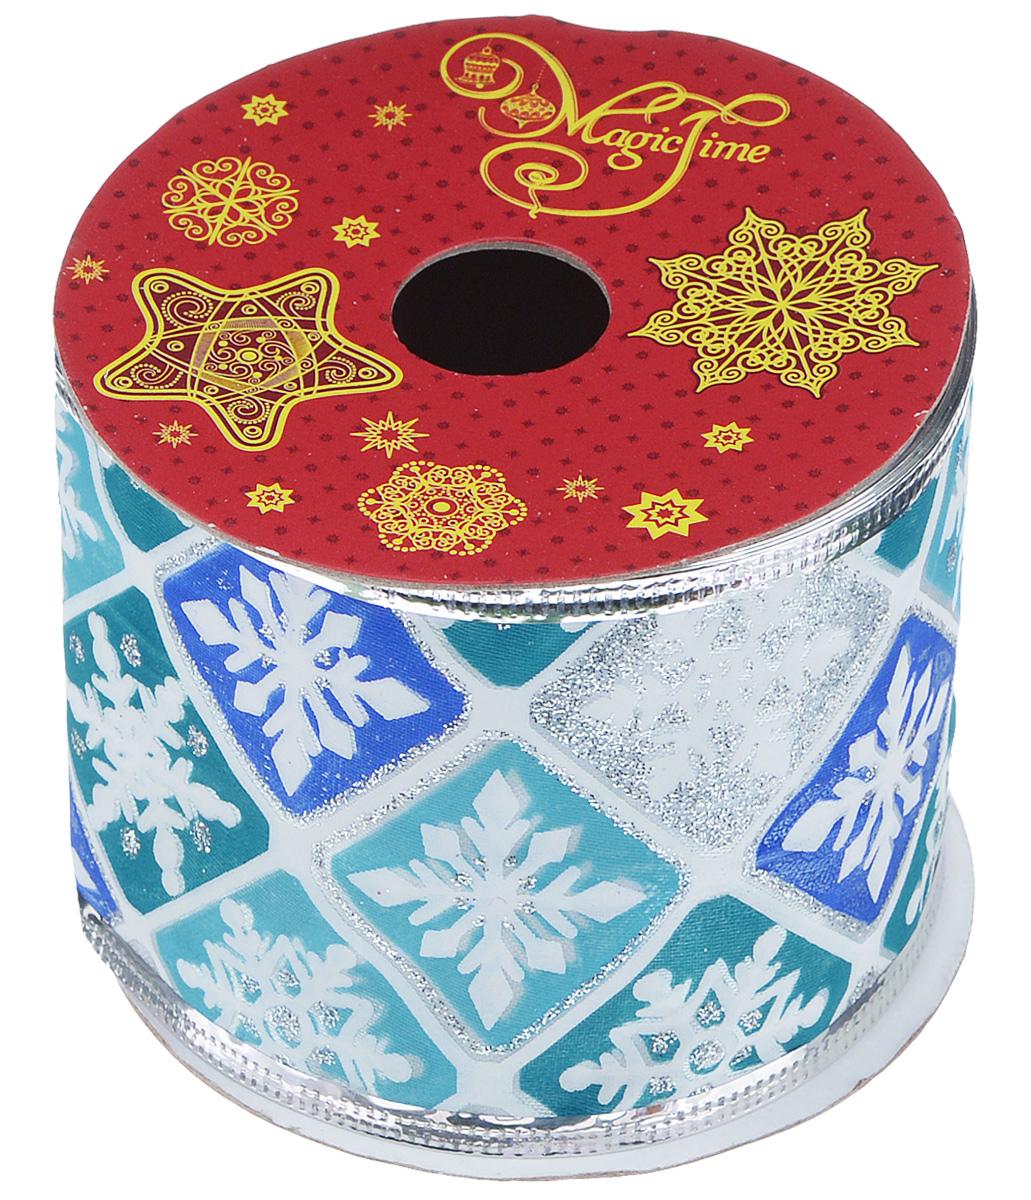 Декоративная лента Феникс-презент Magic Time, цвет: белый, синий, длина 2,7 м. 3890638906Декоративная лента Феникс-презент Magic Time выполнена из полиэстера и декорирована изображением снежинок. В края ленты вставлена проволока, благодаря чему ее легко фиксировать. Лента предназначена для оформления подарочных коробок, пакетов. Кроме того, декоративная лента с успехом применяется для художественного оформления витрин, праздничного оформления помещений, изготовления искусственных цветов. Декоративная лента украсит интерьер вашего дома к праздникам. Ширина ленты: 6,3 см.